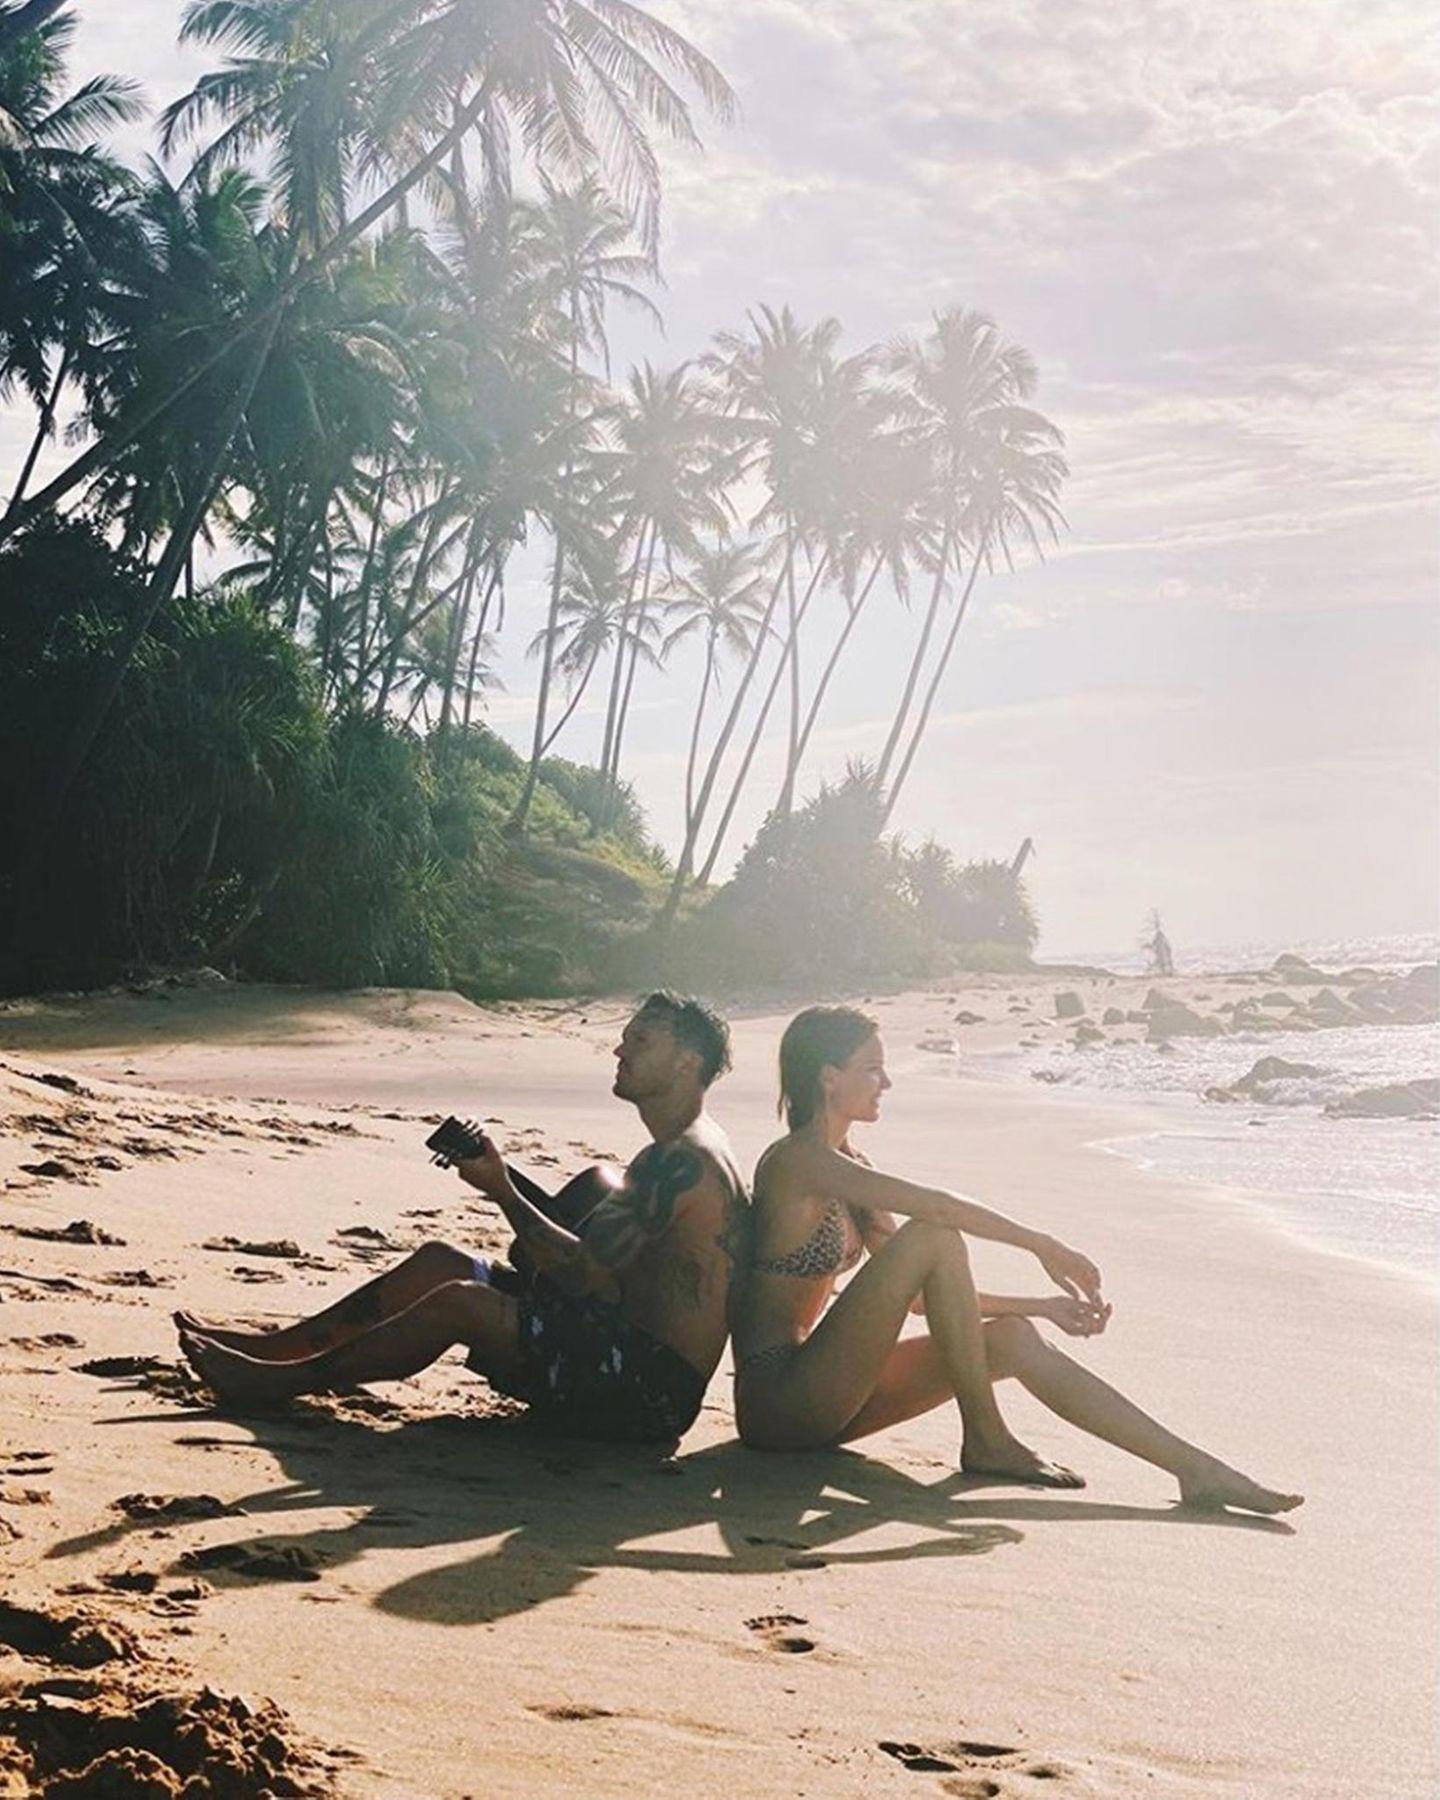 29. November 2019  Topmodel Josephine Skriver bedankt sich bei ihrem Verlobten Alexander DeLeon dafür, dass er mit ihr rund um den Globus reist. Und wenn dabei so traumhafte Strandfotos entstehen, freuen sich auch ihre Instagram-Fans.